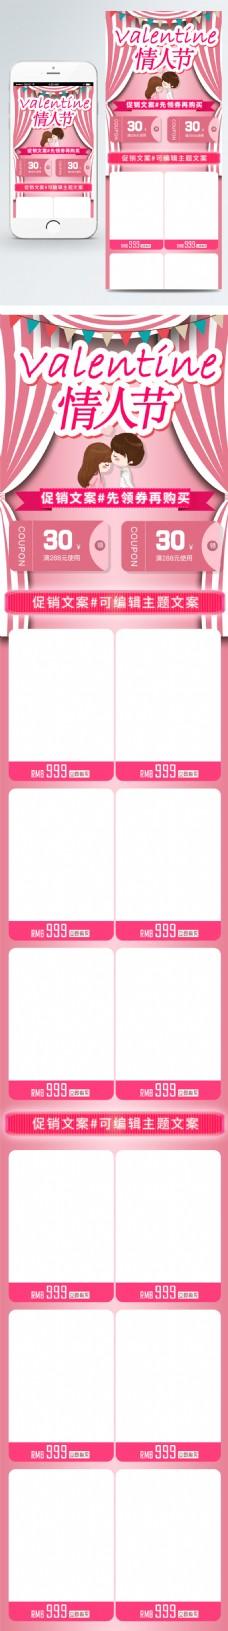 情人节卡通粉色淘宝手机端首页模版